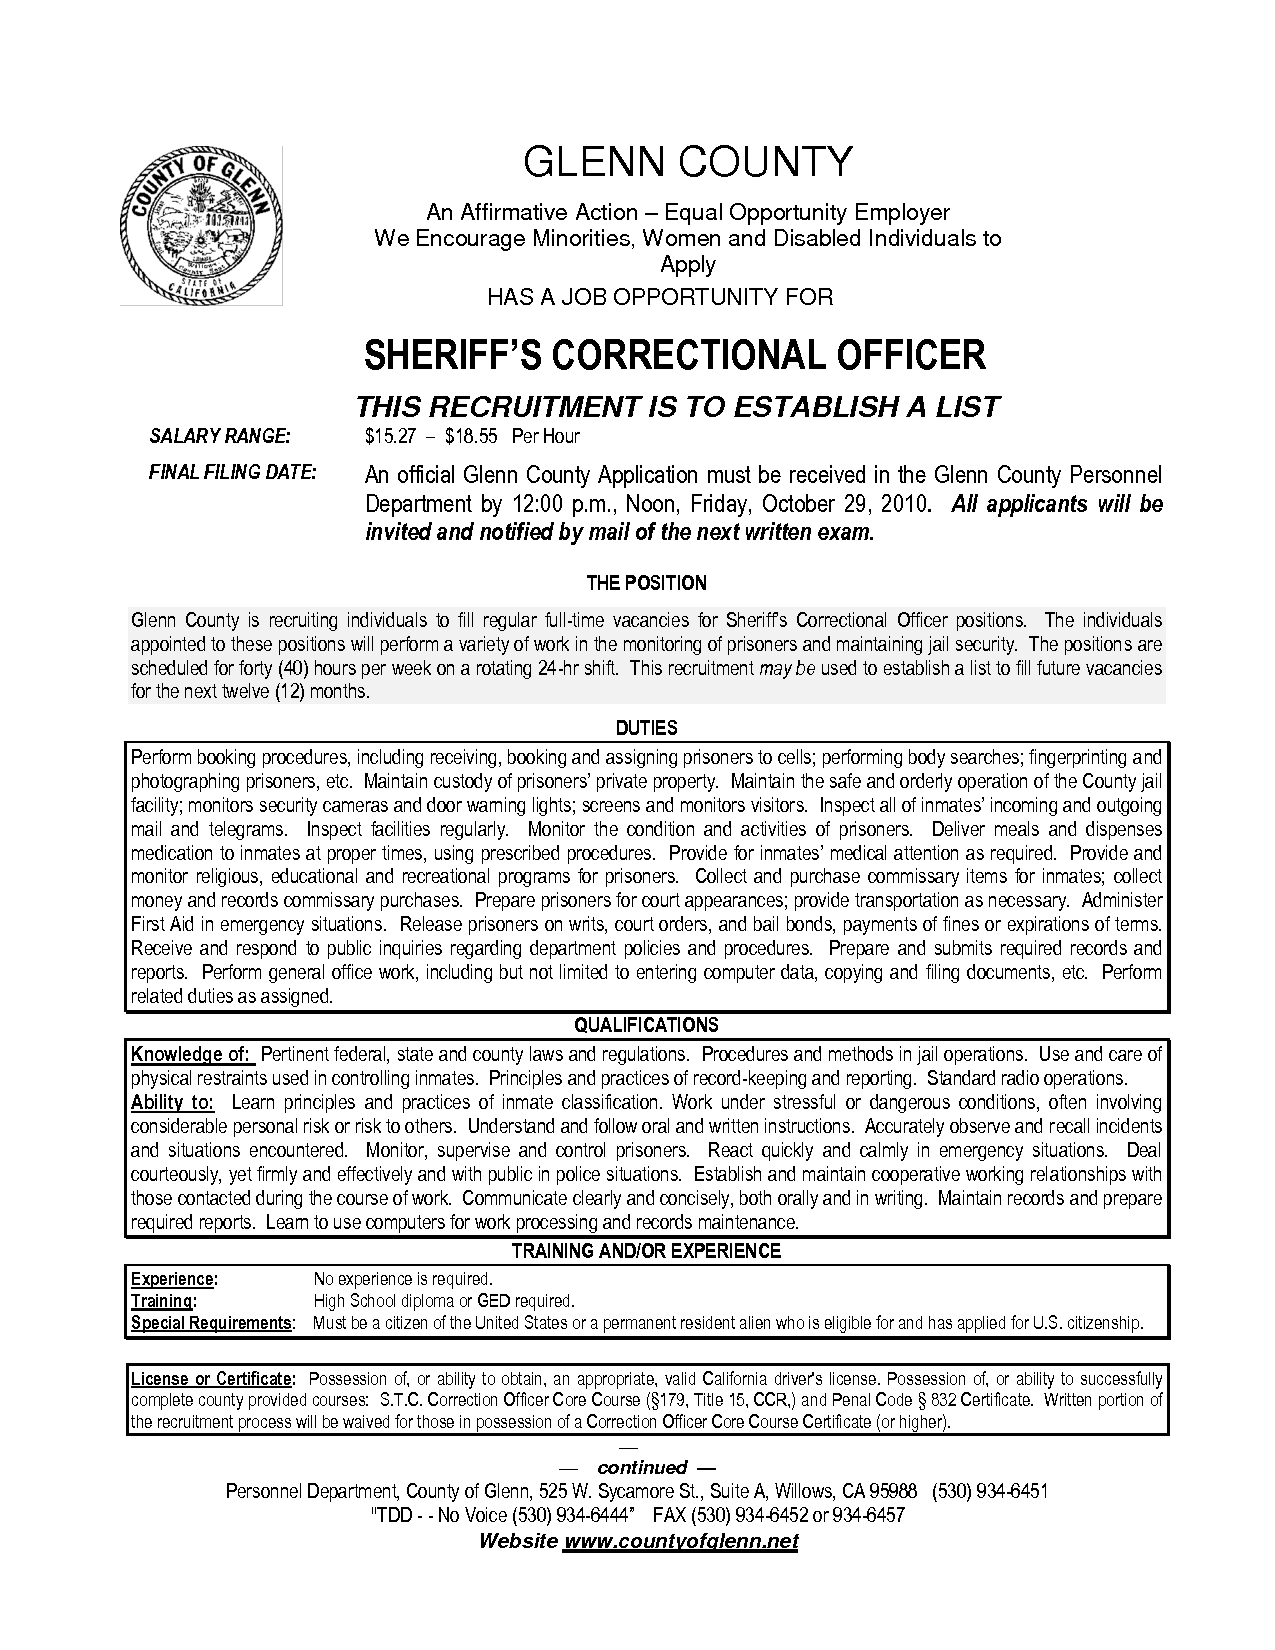 Resume For Juvenile Detention Officer Http Www Resumecareer Info Resume For Juvenile Detention Officer 4